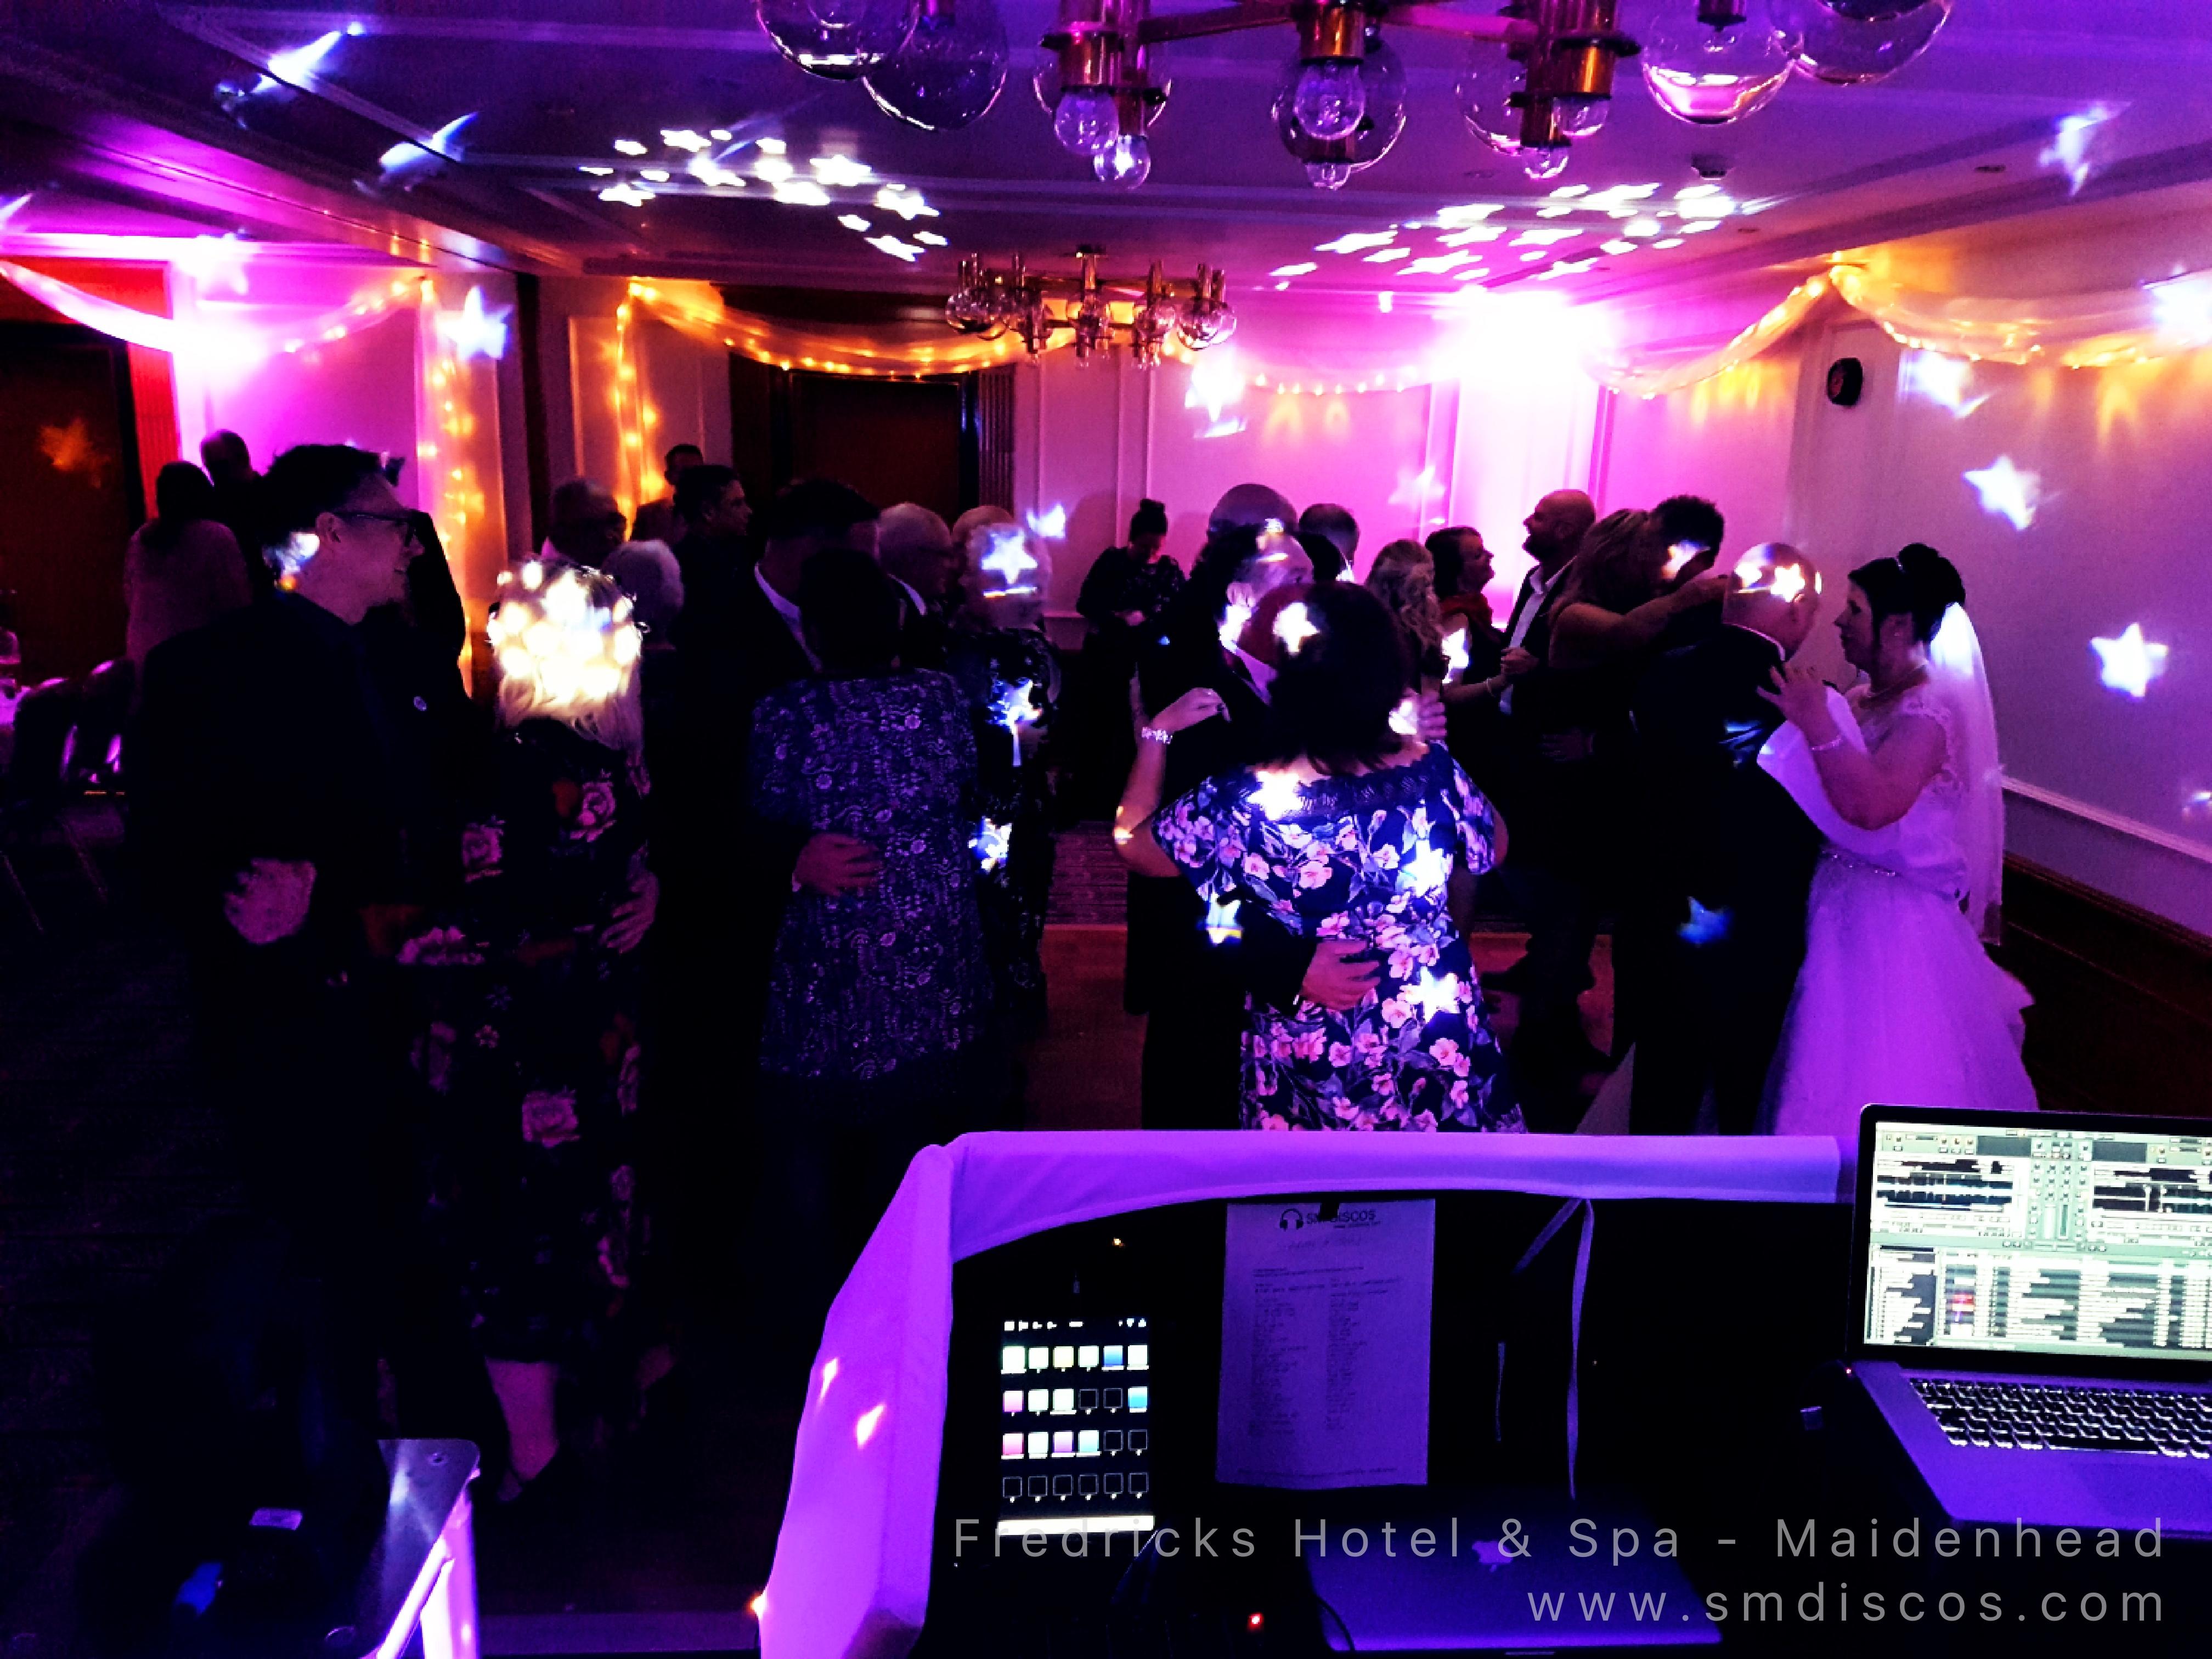 Wedding at Fredricks Hotel & Spa in Maid